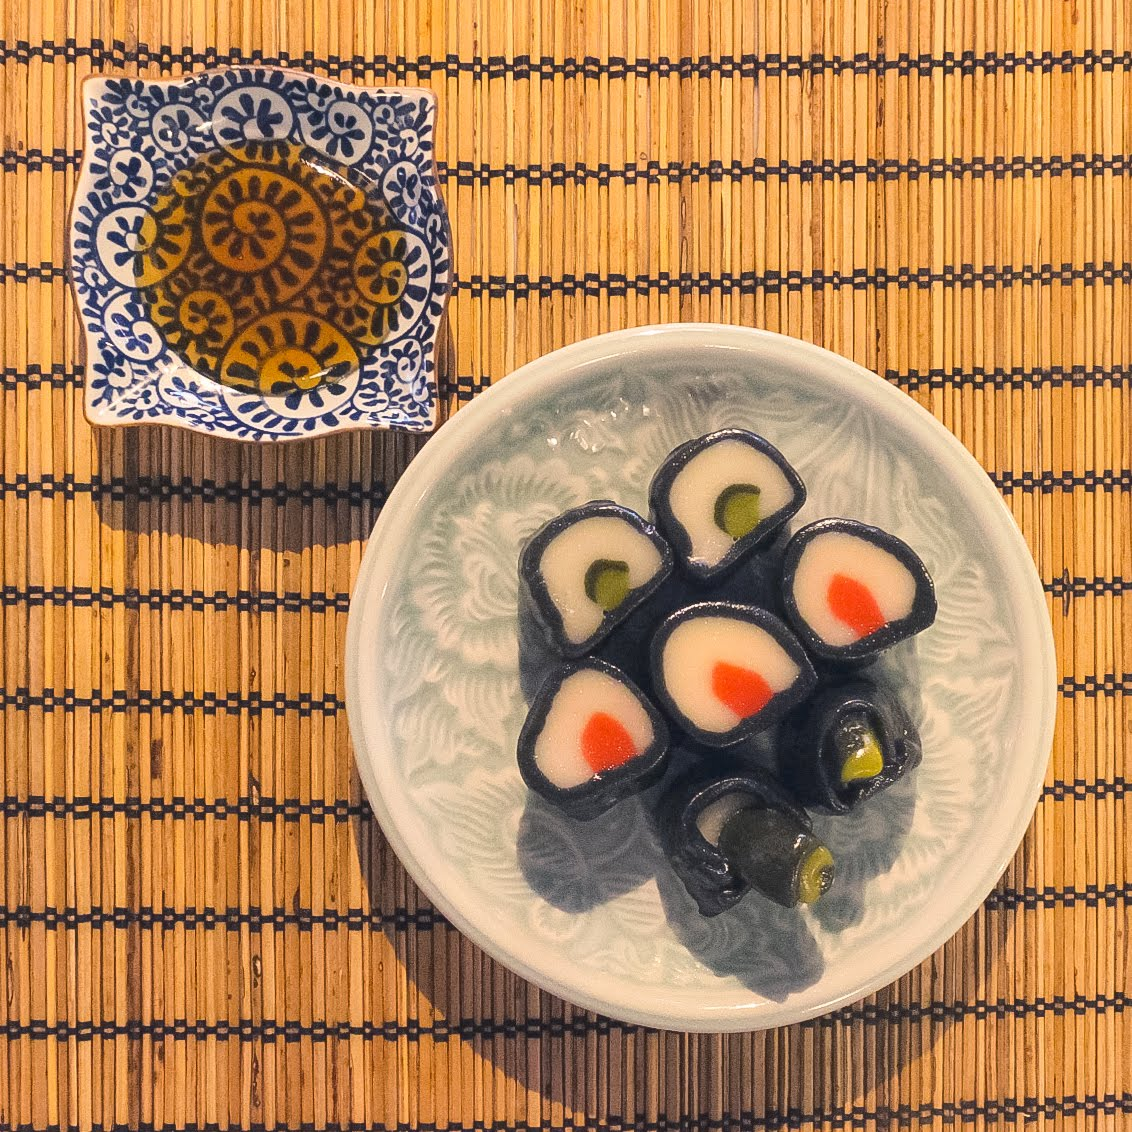 巻き寿司ふうべこもち